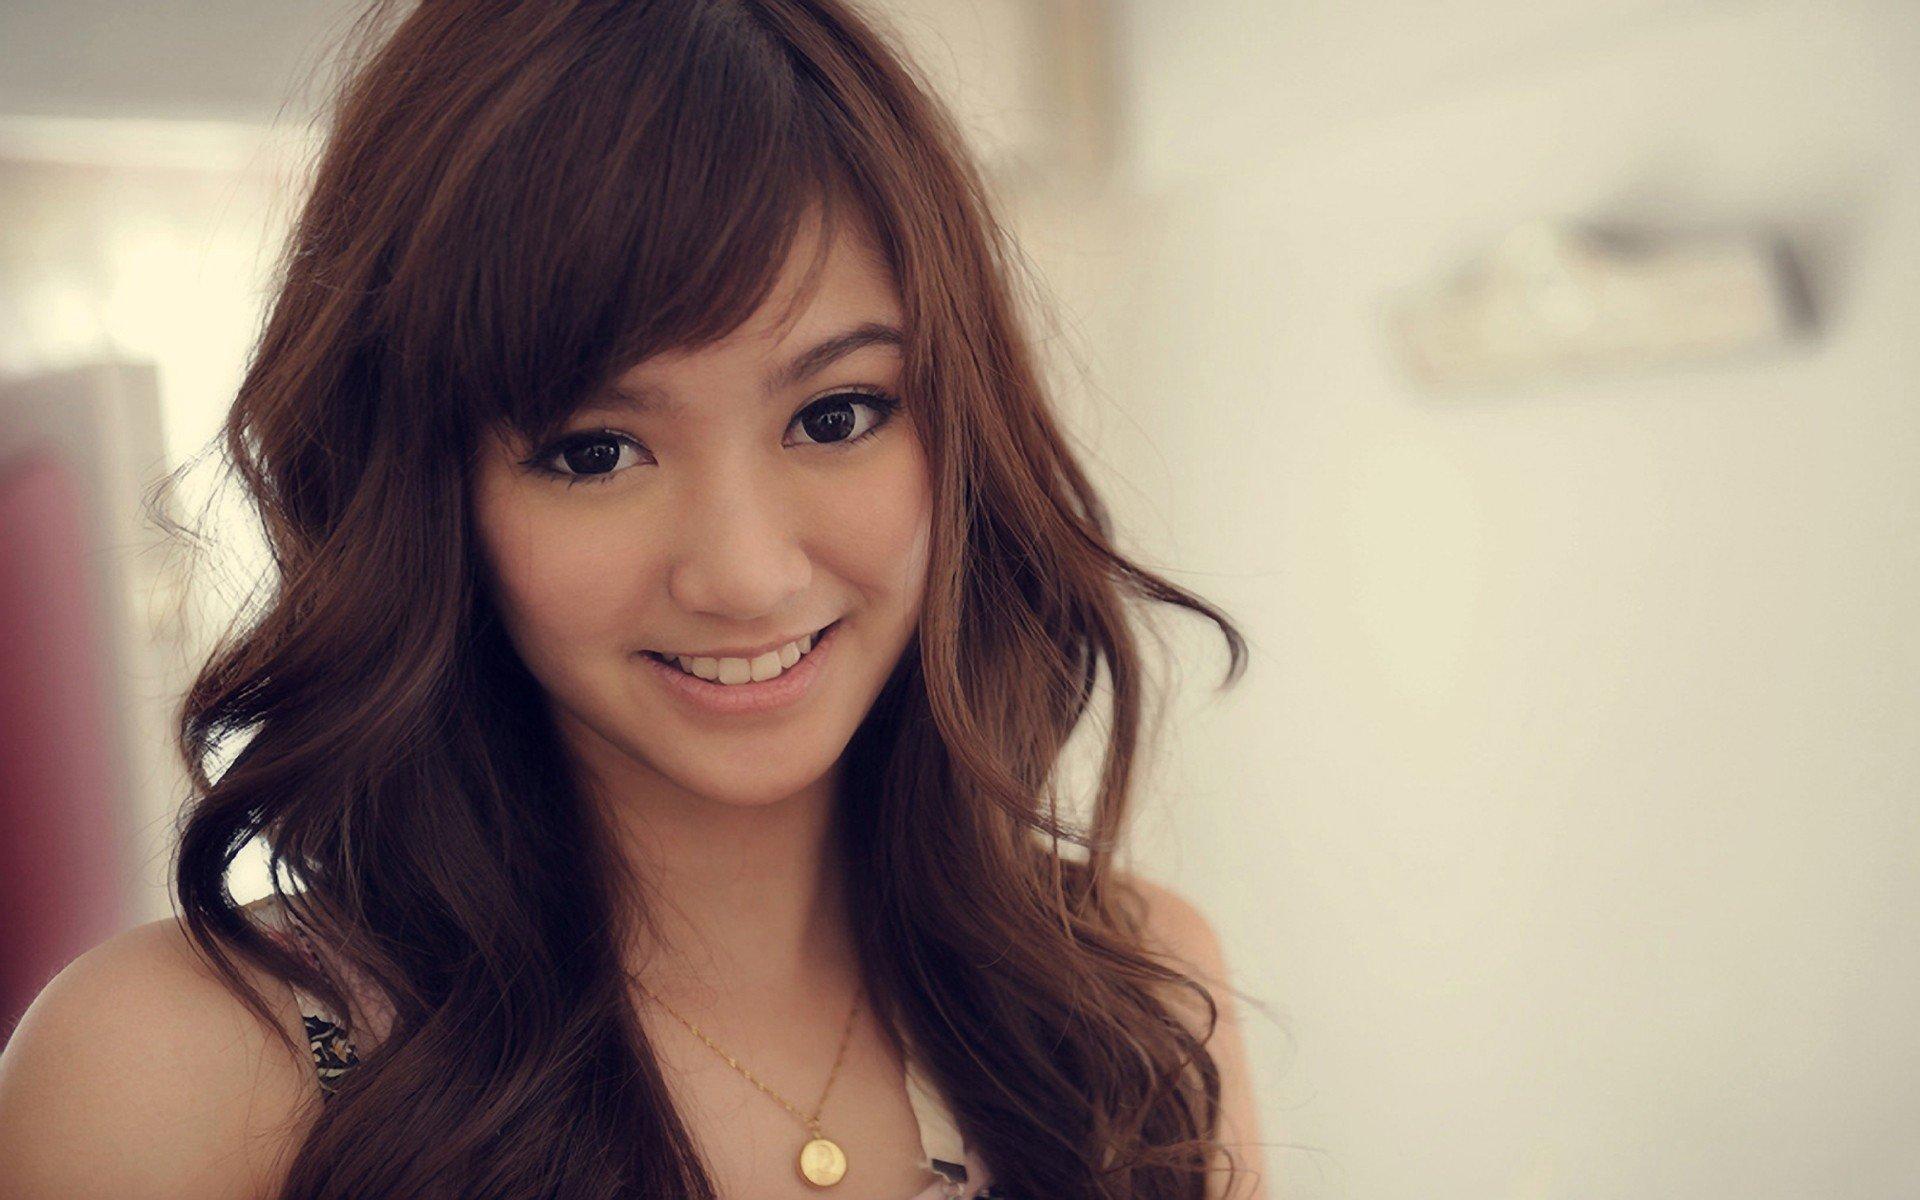 بالصور بنات اليابان , مجموعة من اجمل صور البنات اليابانيات 6083 10